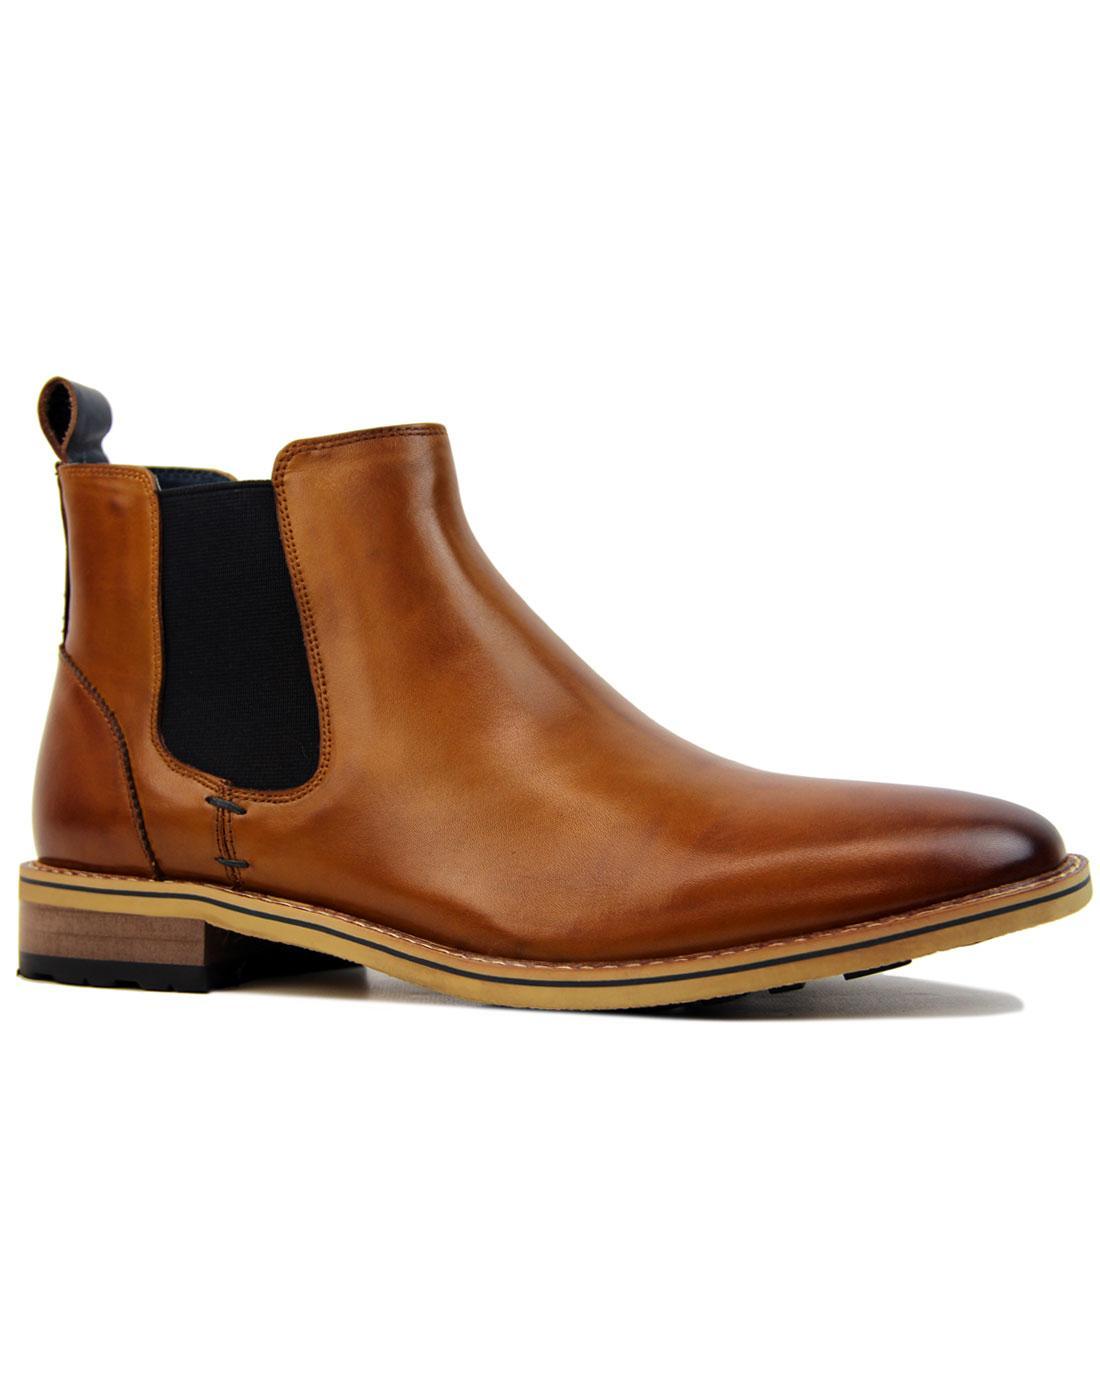 Lenny SERGIO DULETTI Retro Mod Chelsea Boots BROWN